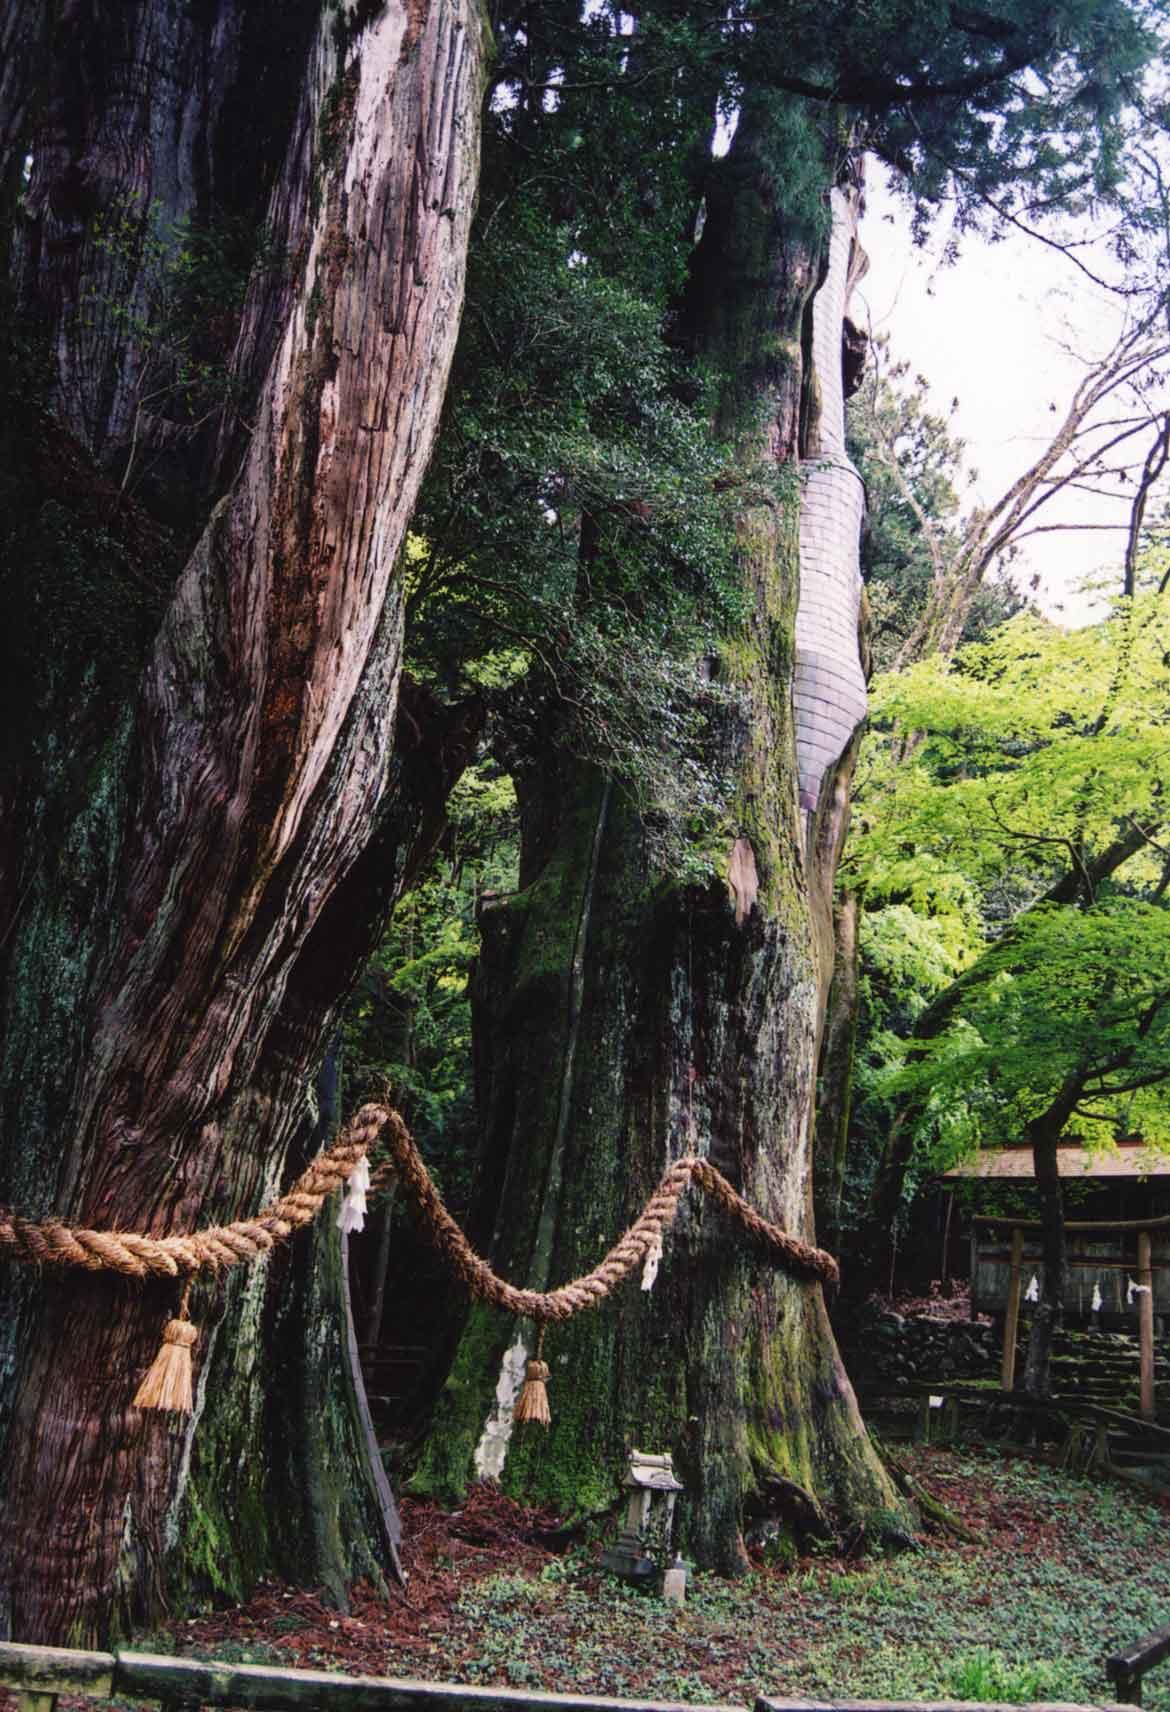 日本一の大杉にパワーをもらう「杉の大杉」